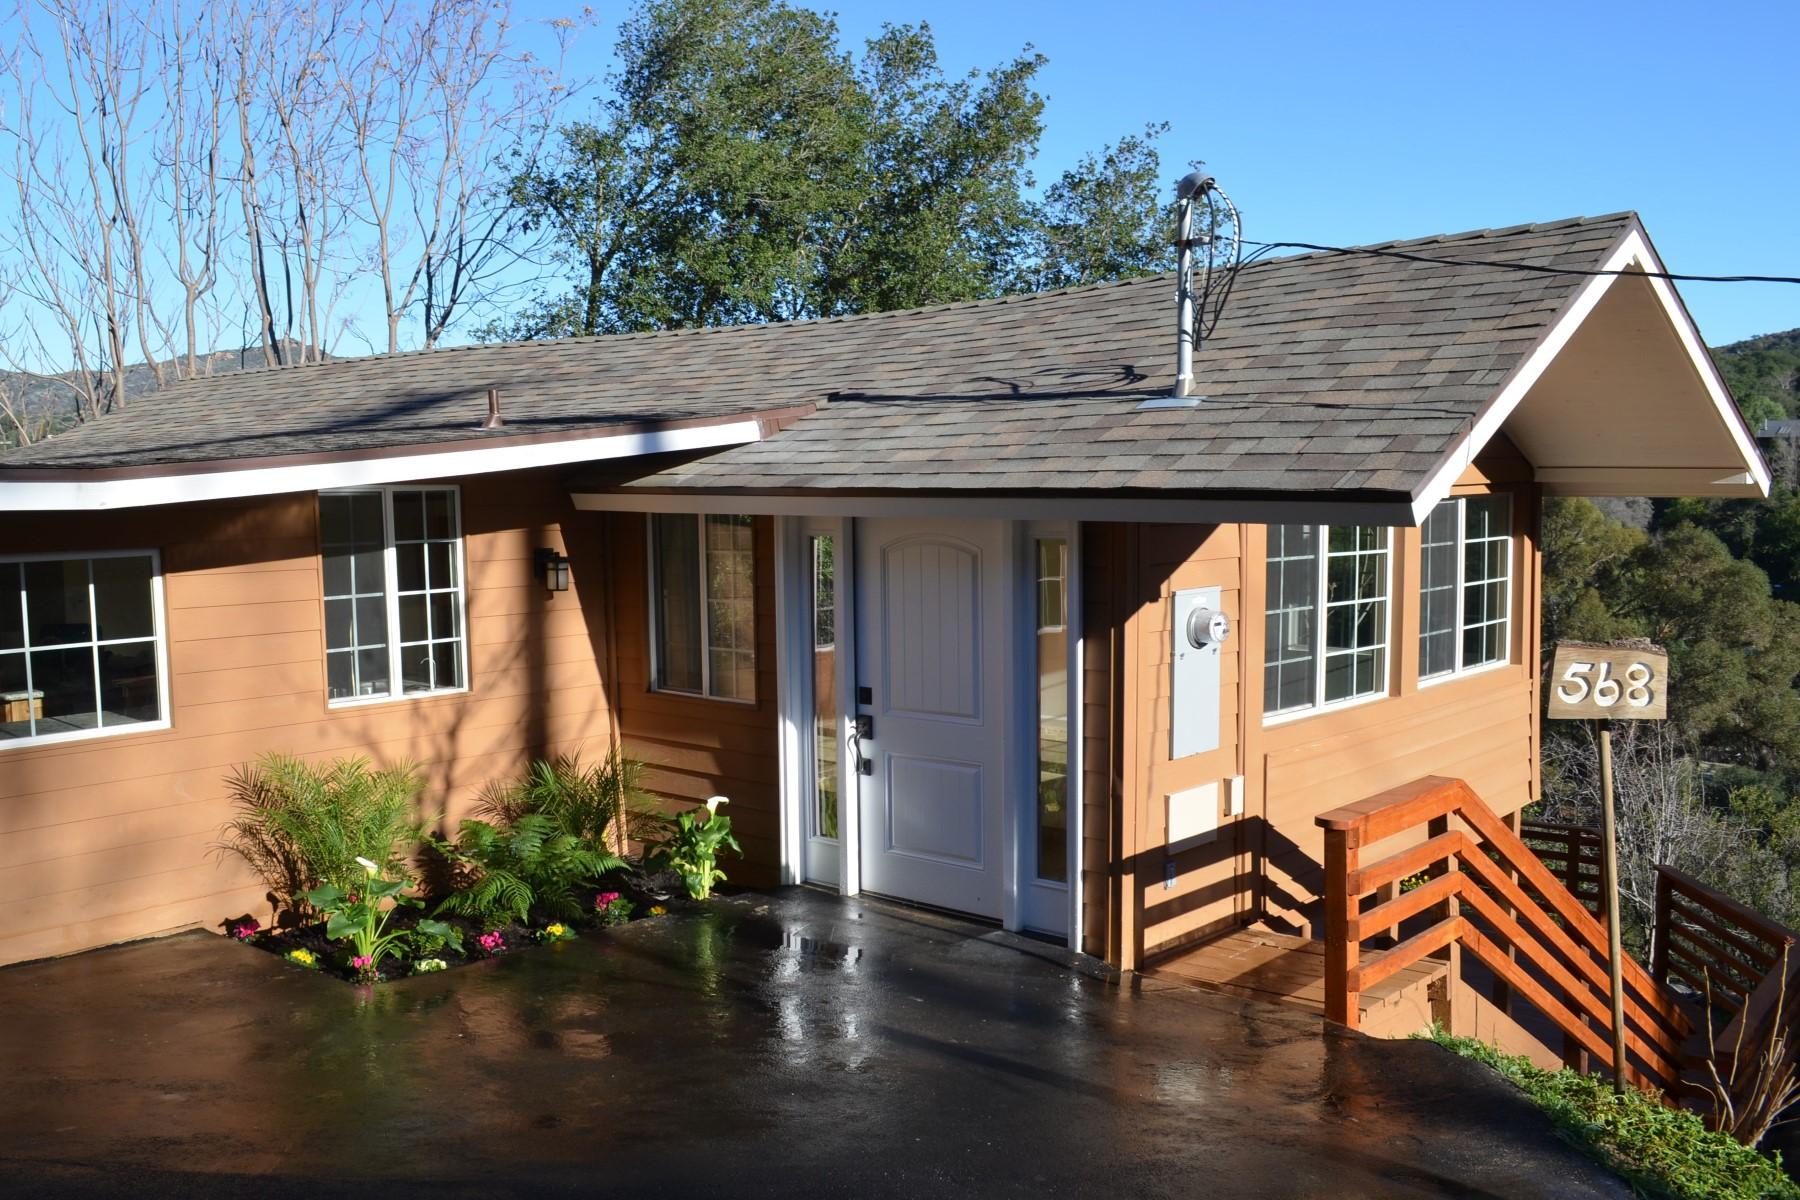 Частный односемейный дом для того Продажа на Canon view Trail 568 Canon View Trail Topanga, Калифорния 90290 Соединенные Штаты